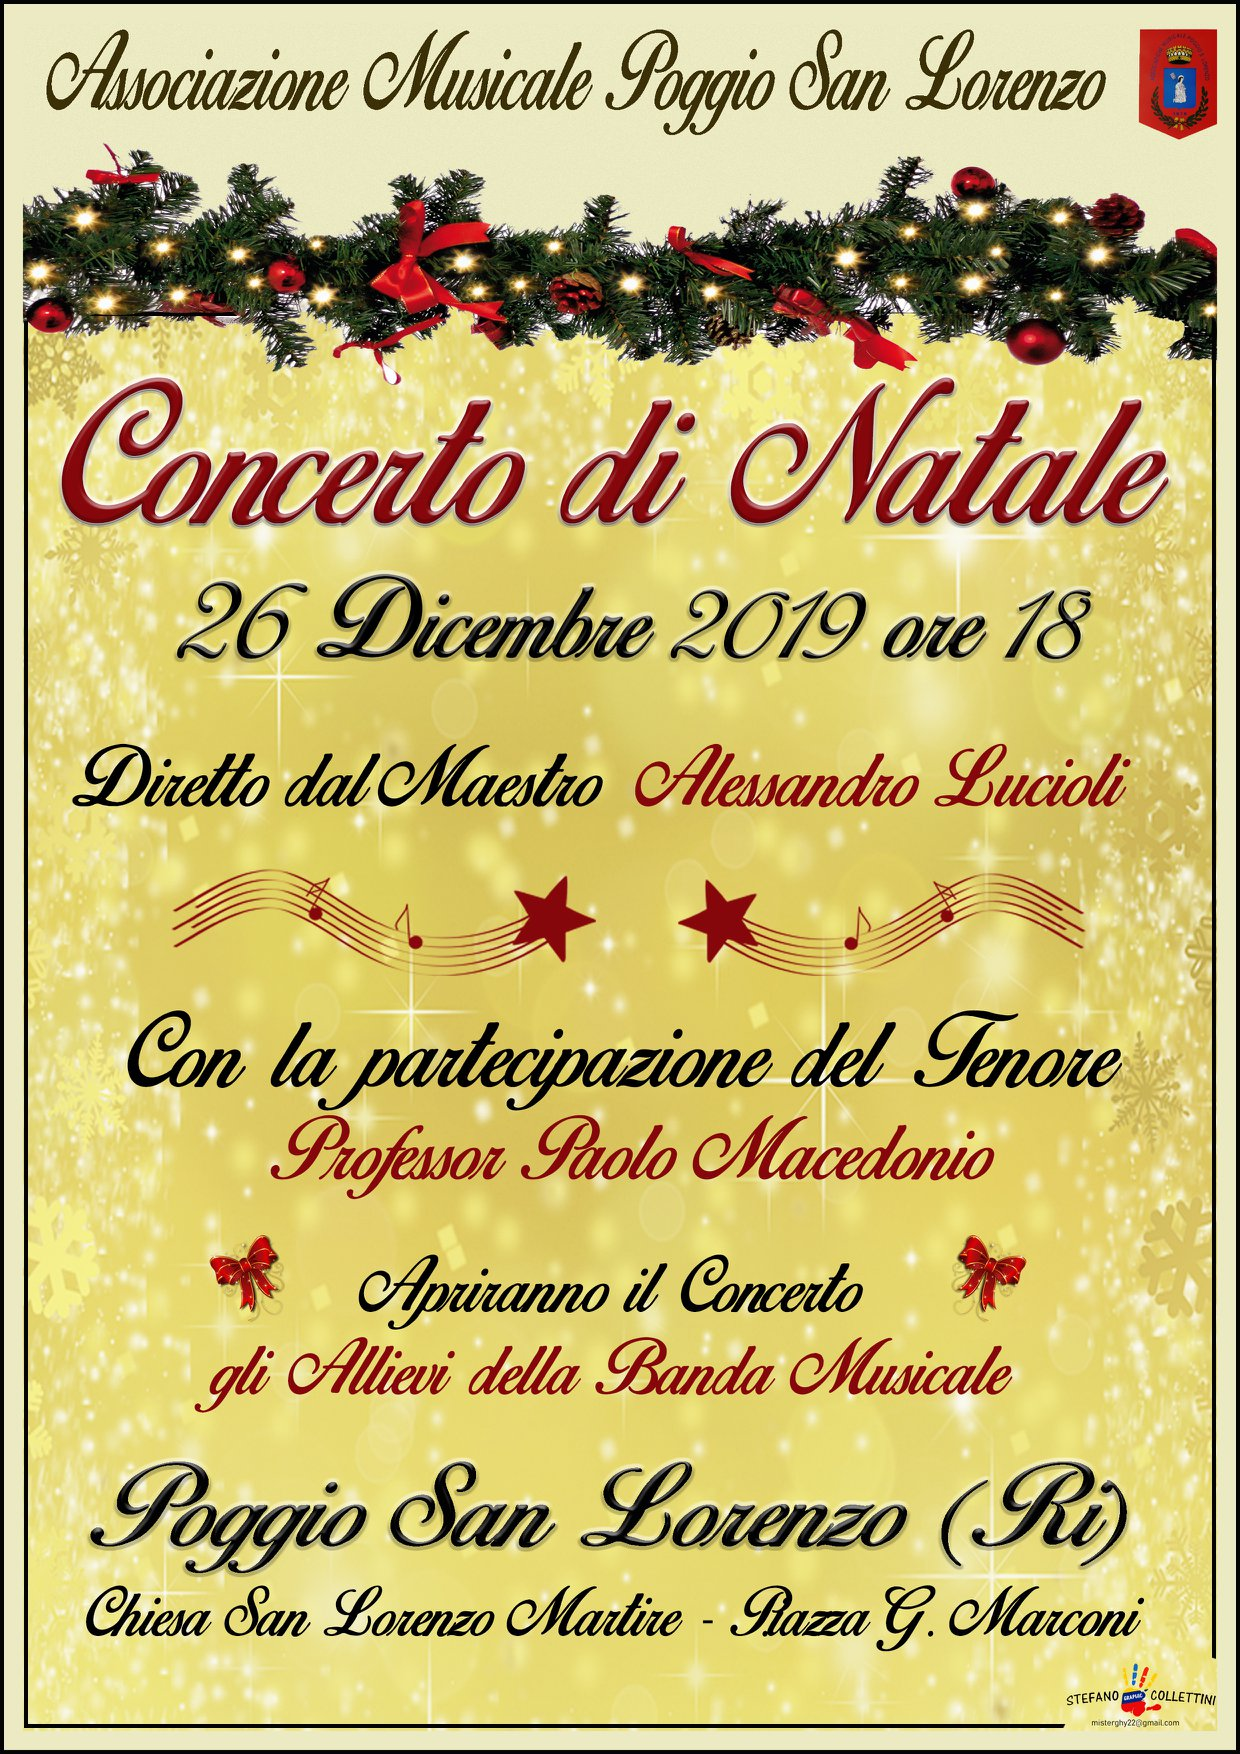 Concerto di Natale a Poggio San Lorenzo - eventi in sabina